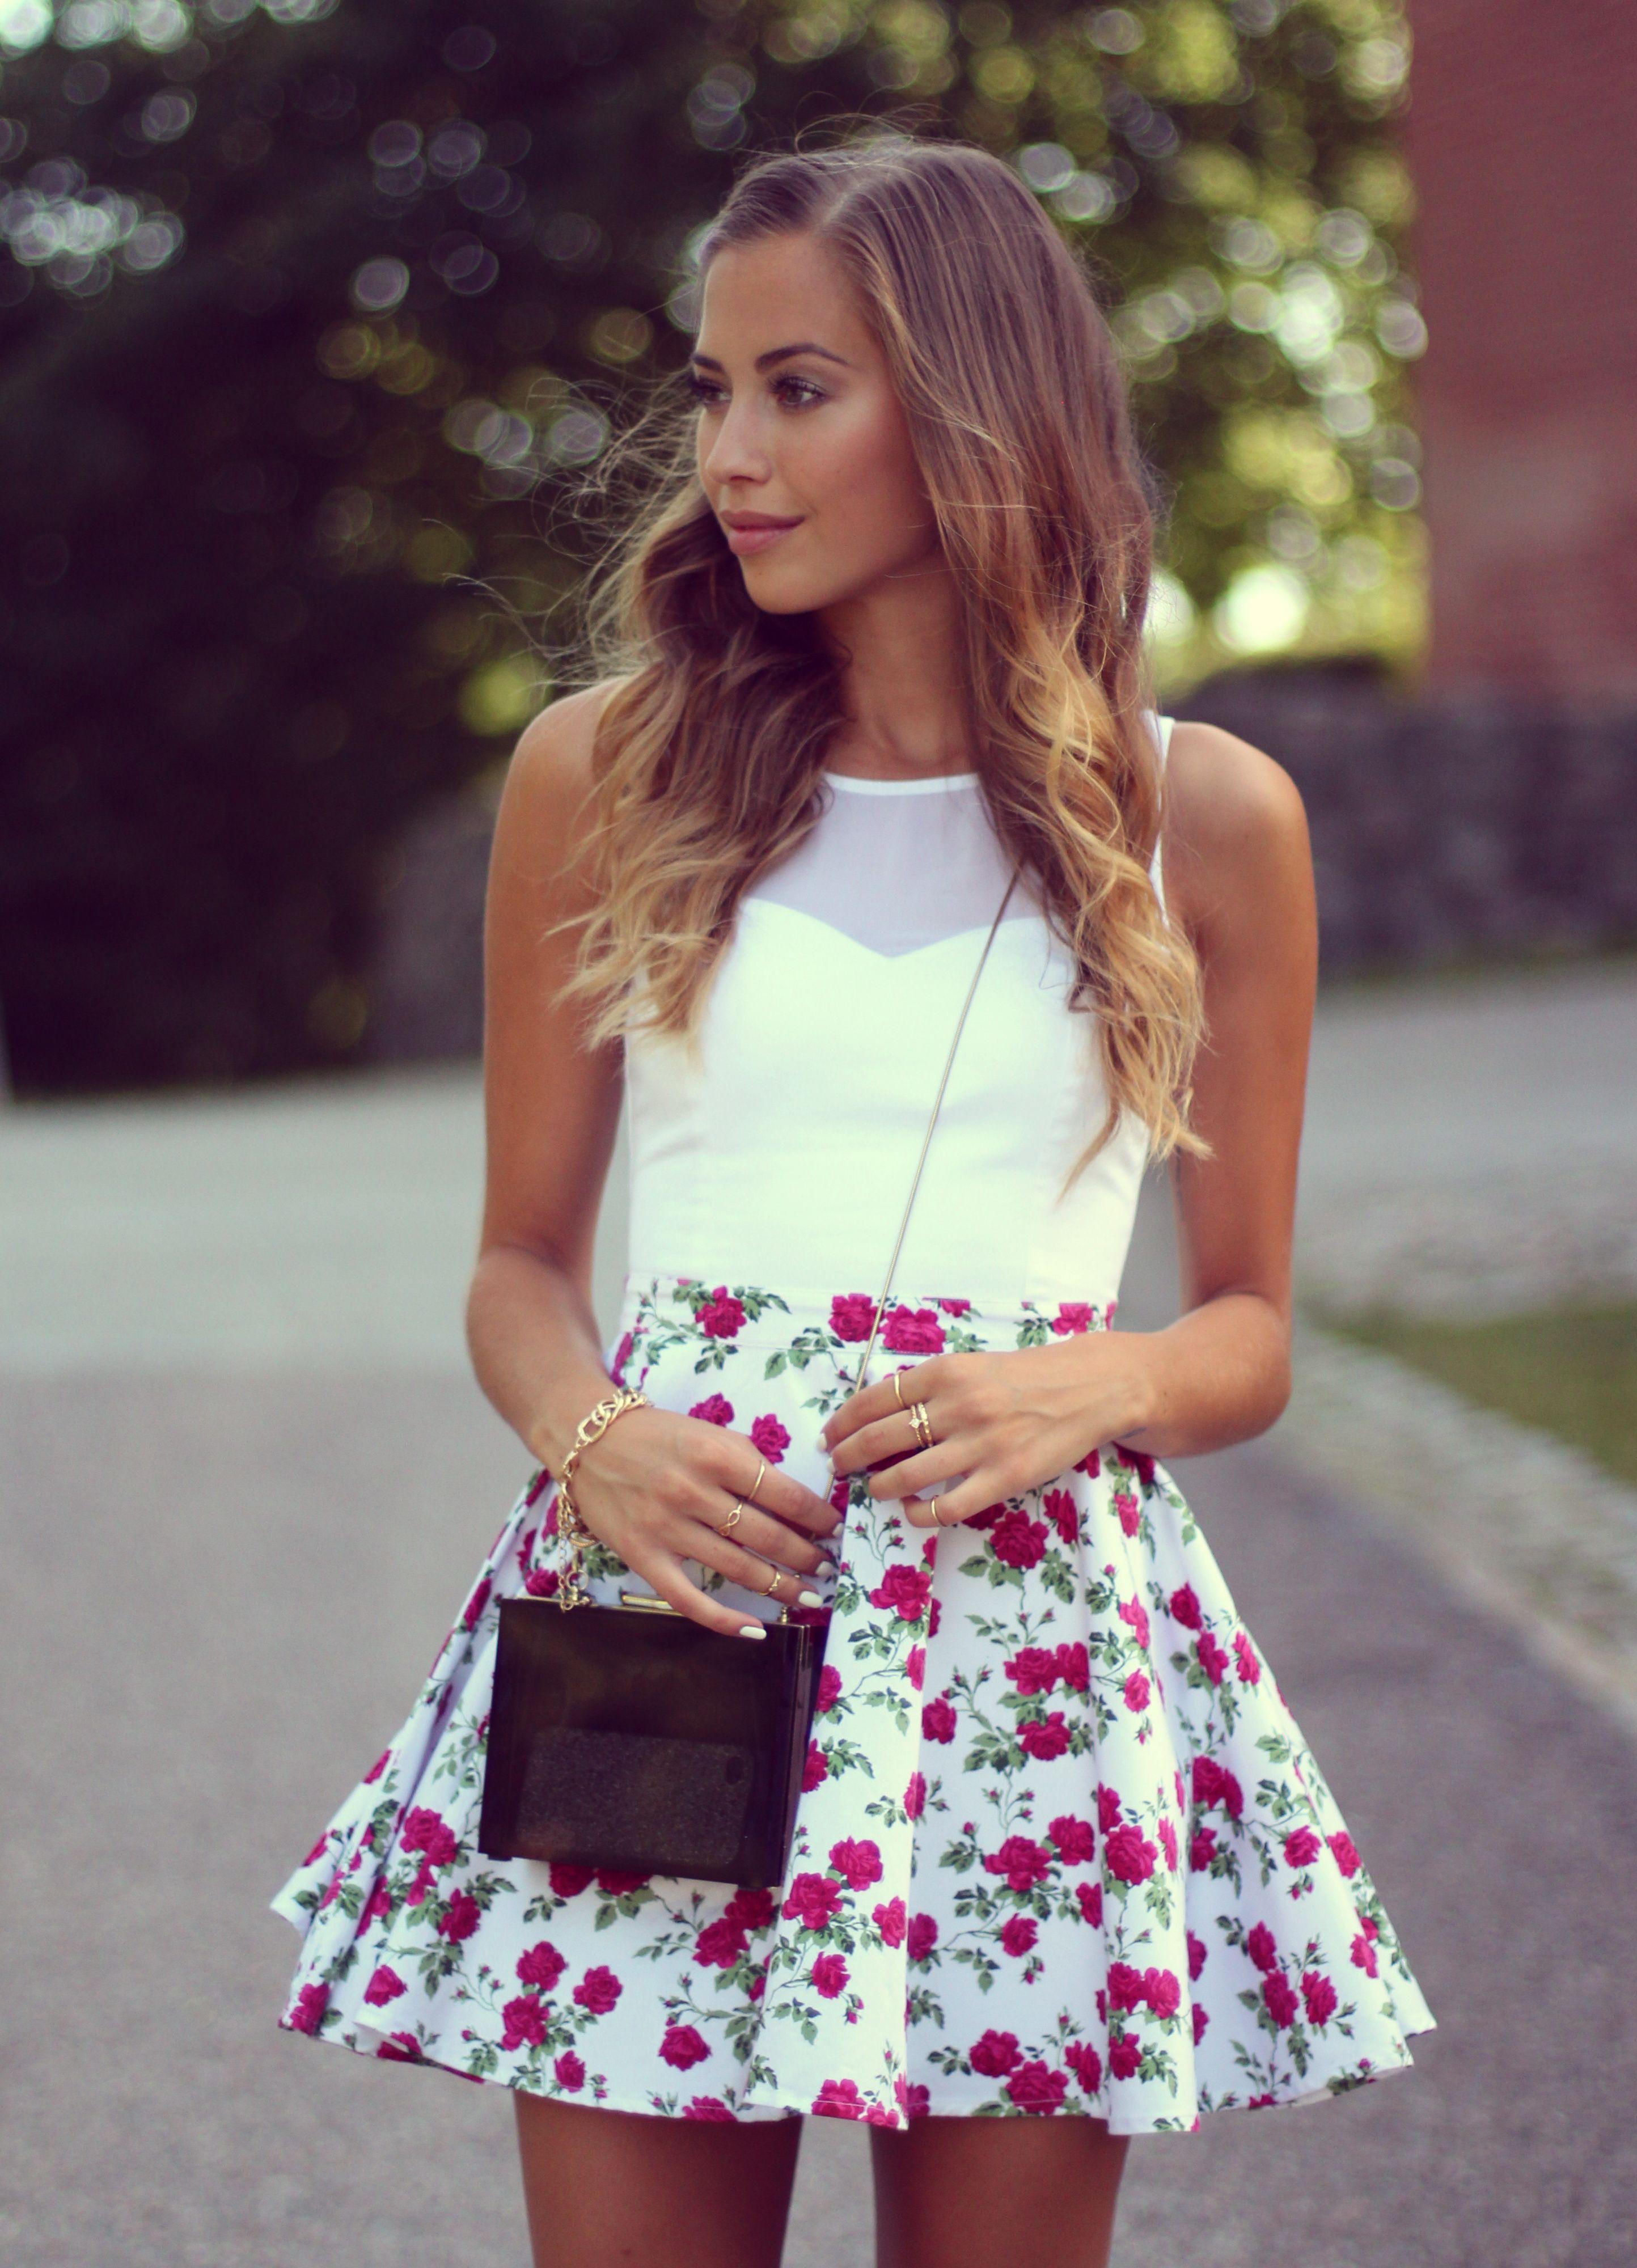 So Very Very Pretty